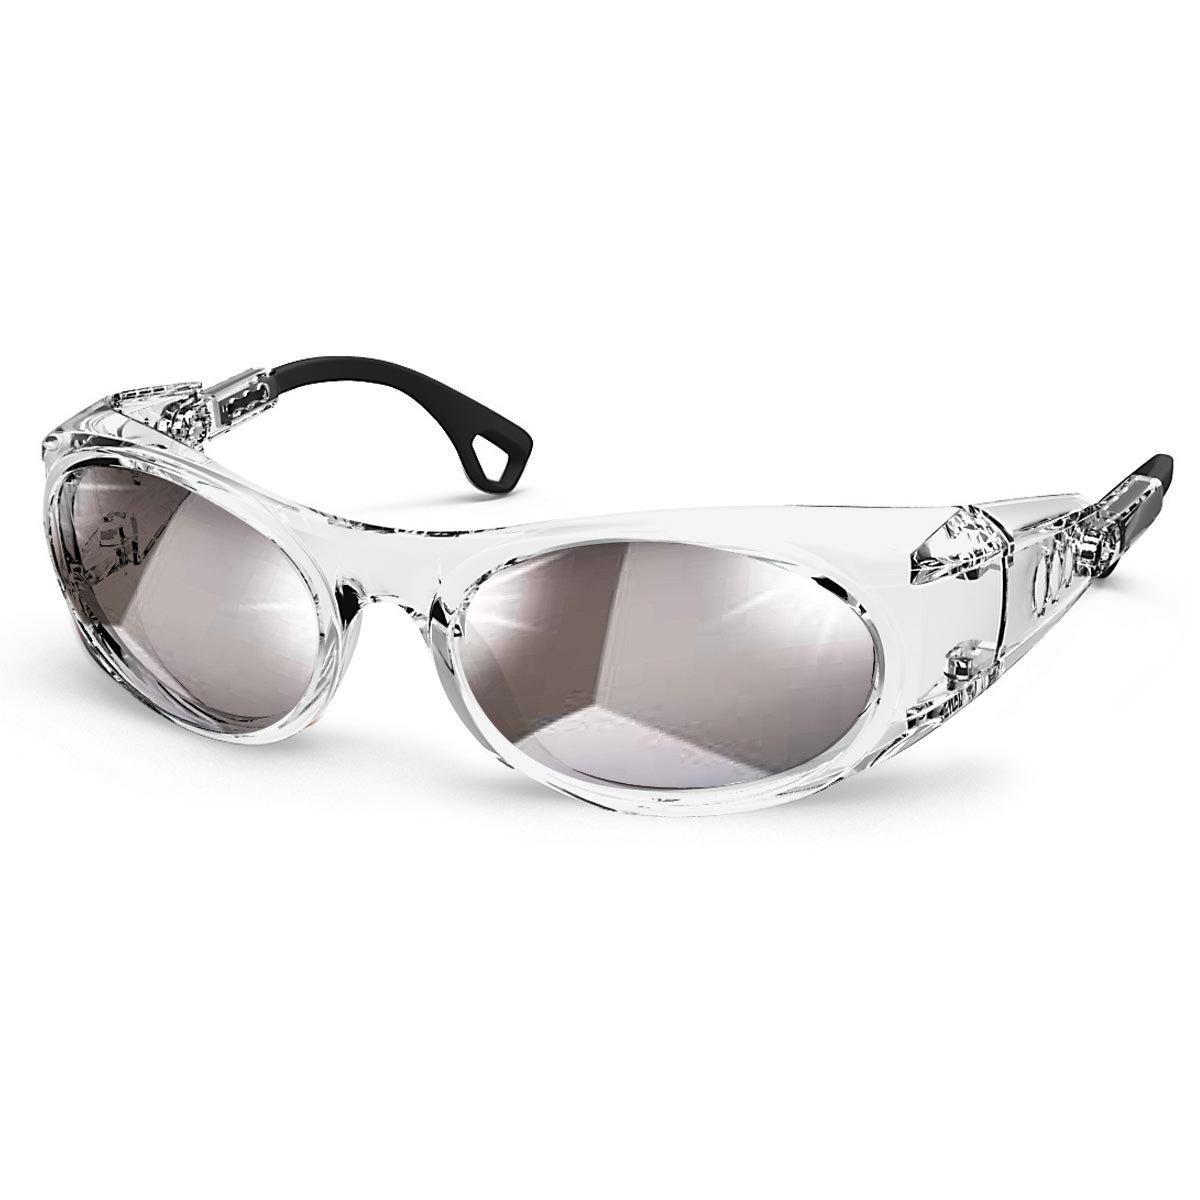 Uvex Korrektionsschutzbrille RX cd 5505 transparent - Selbsttönend